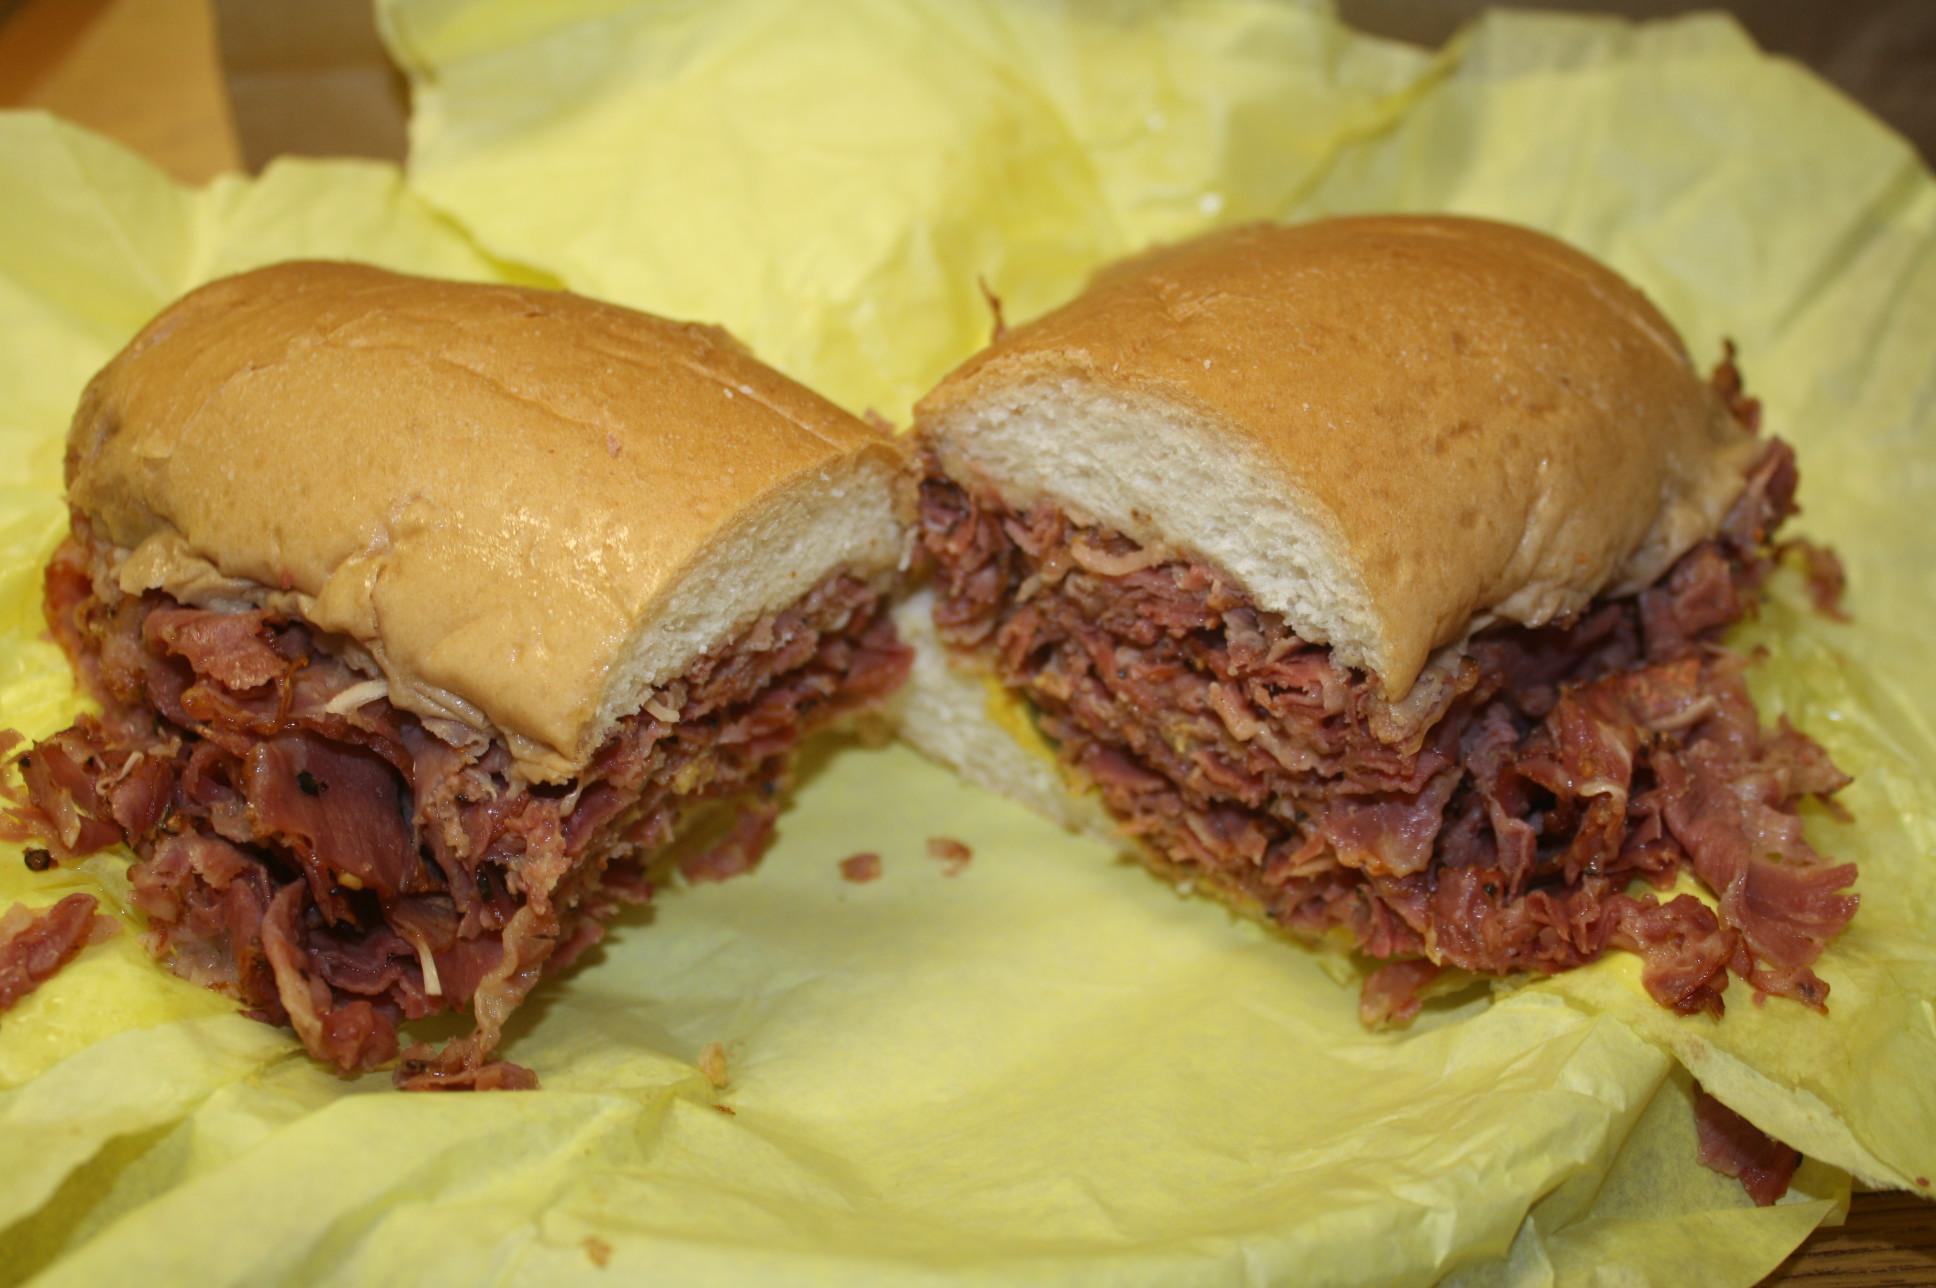 El sándwich de pastrami más famoso del mundo en el Este de Los Ángeles (Foto de Agustín Durán/ El Pasajero).